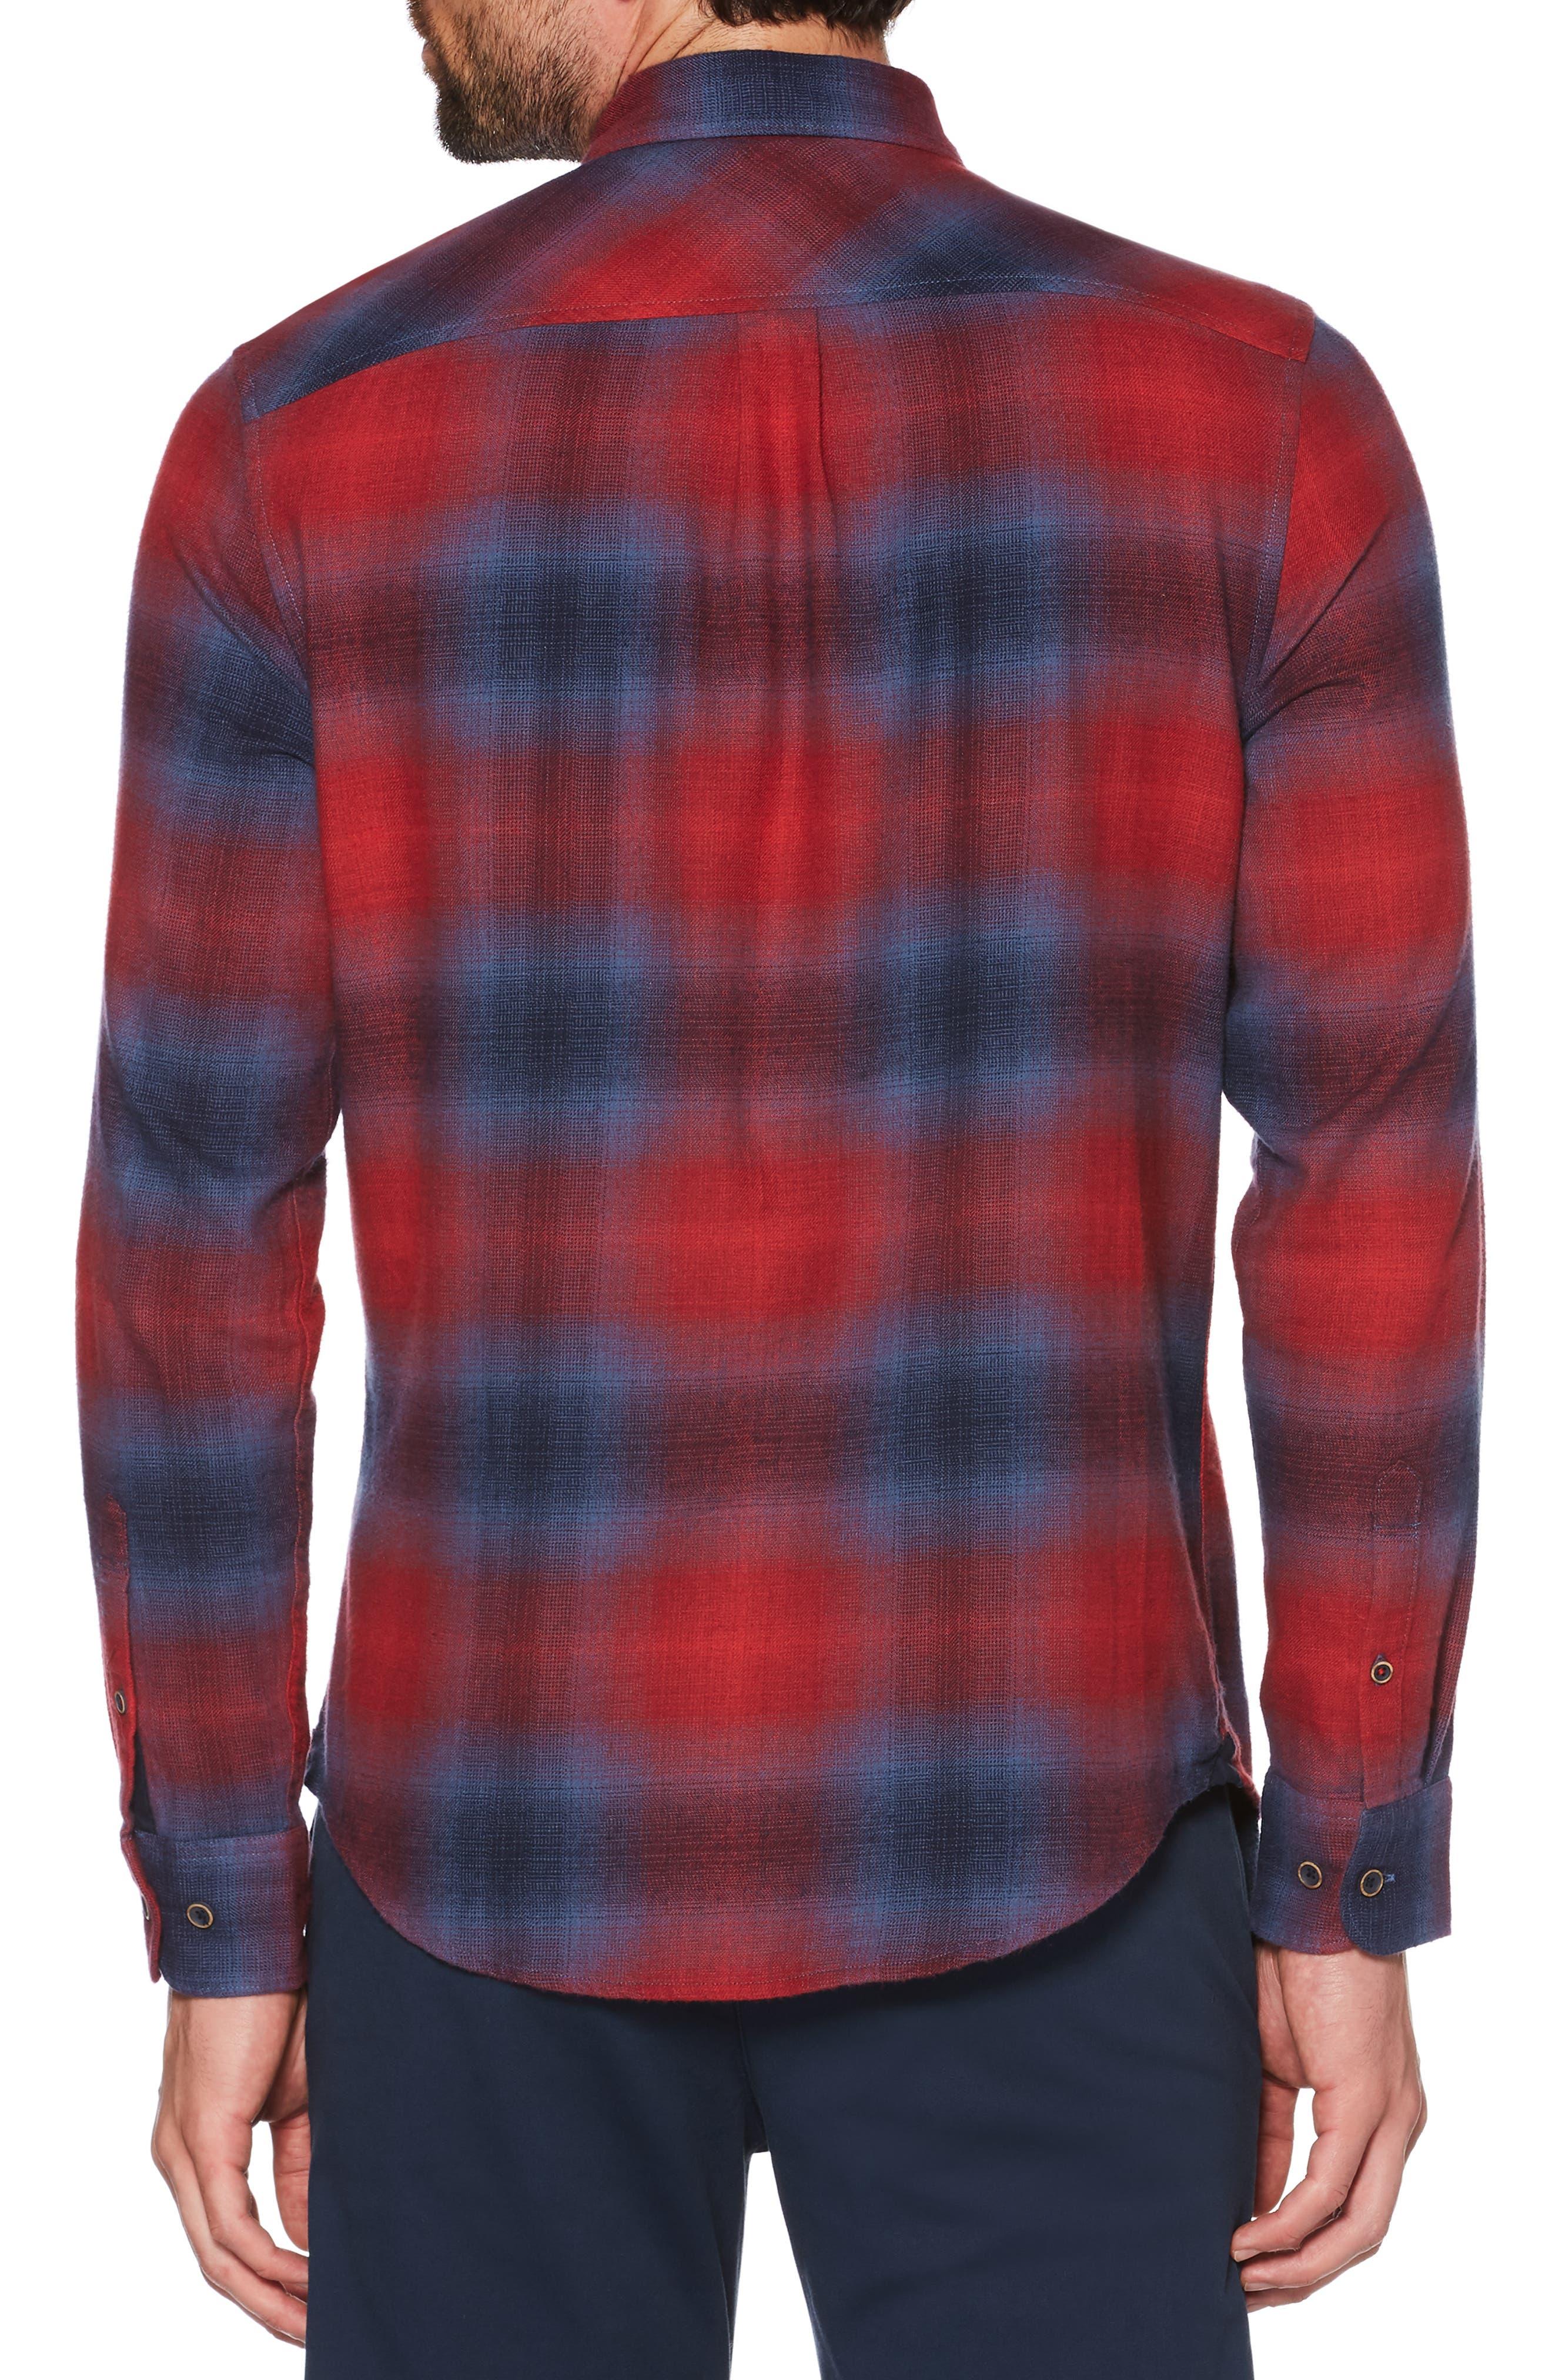 ORIGINAL PENGUIN,                             Ombré Plaid Sport Shirt,                             Alternate thumbnail 2, color,                             607